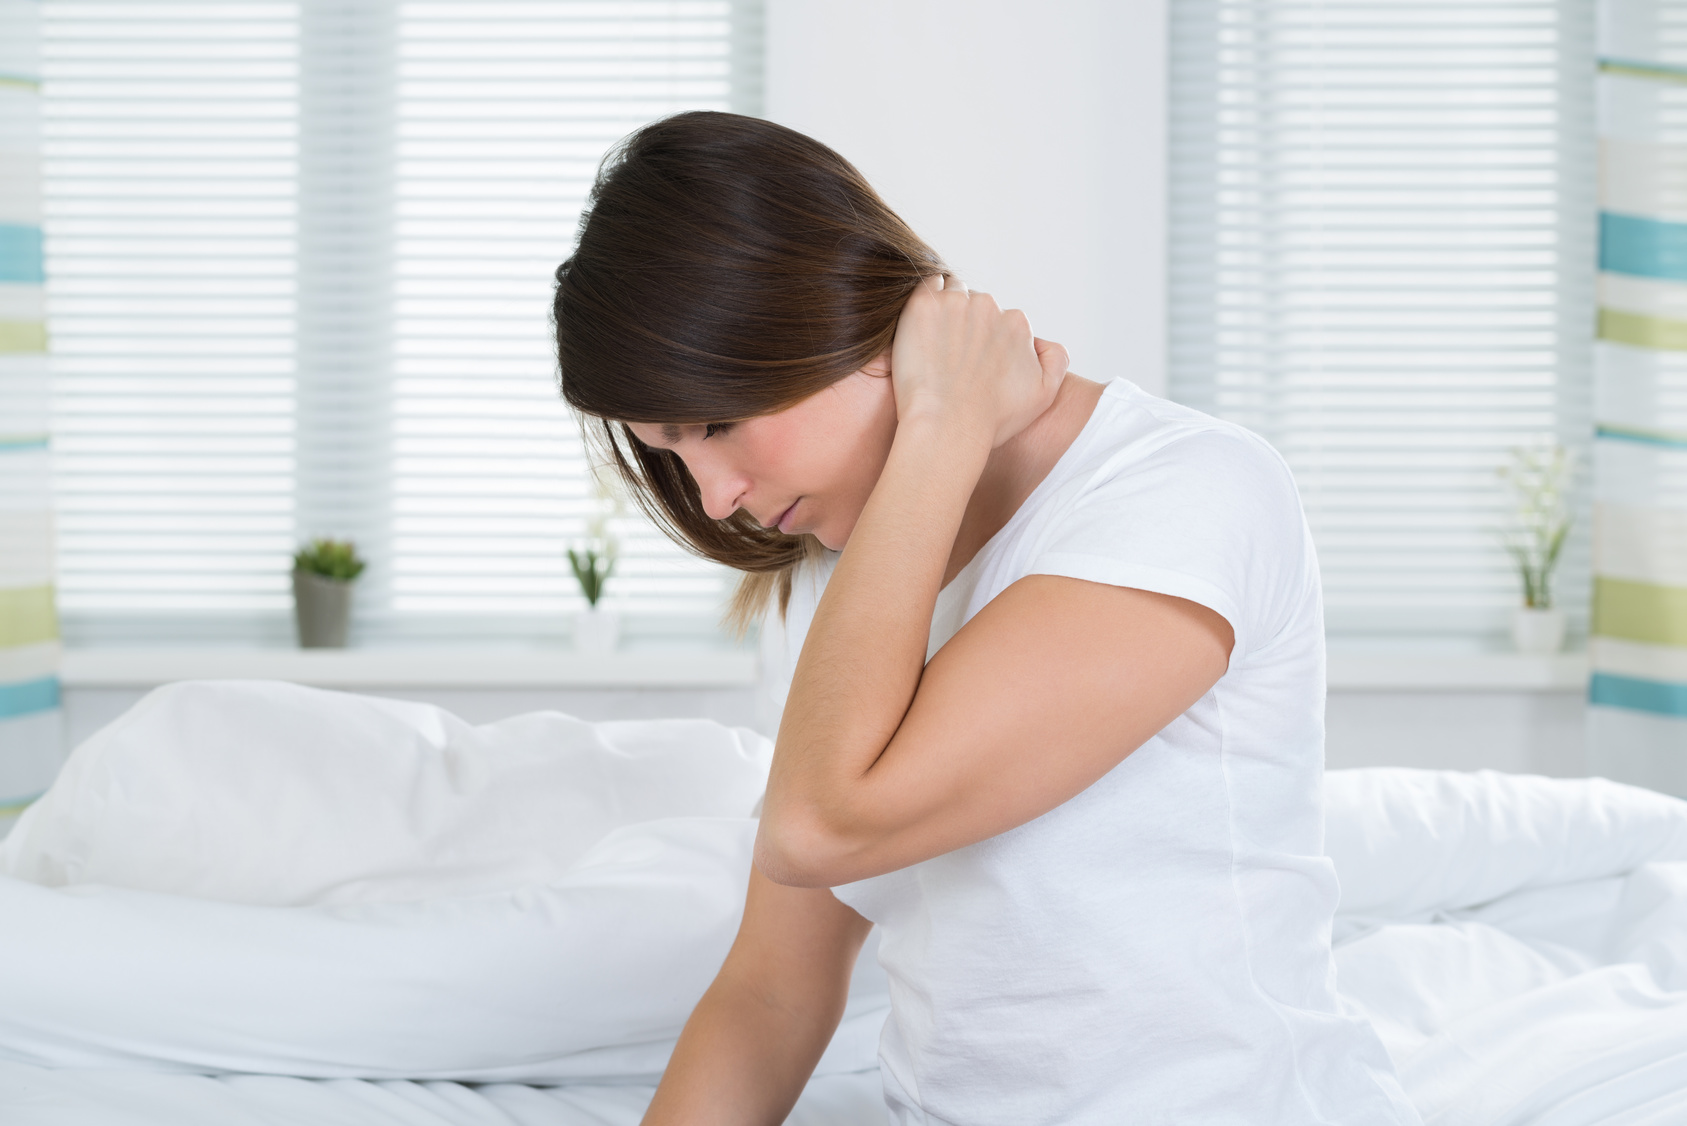 首が痛い!痛みで首が回らないって一体、何が起きた?